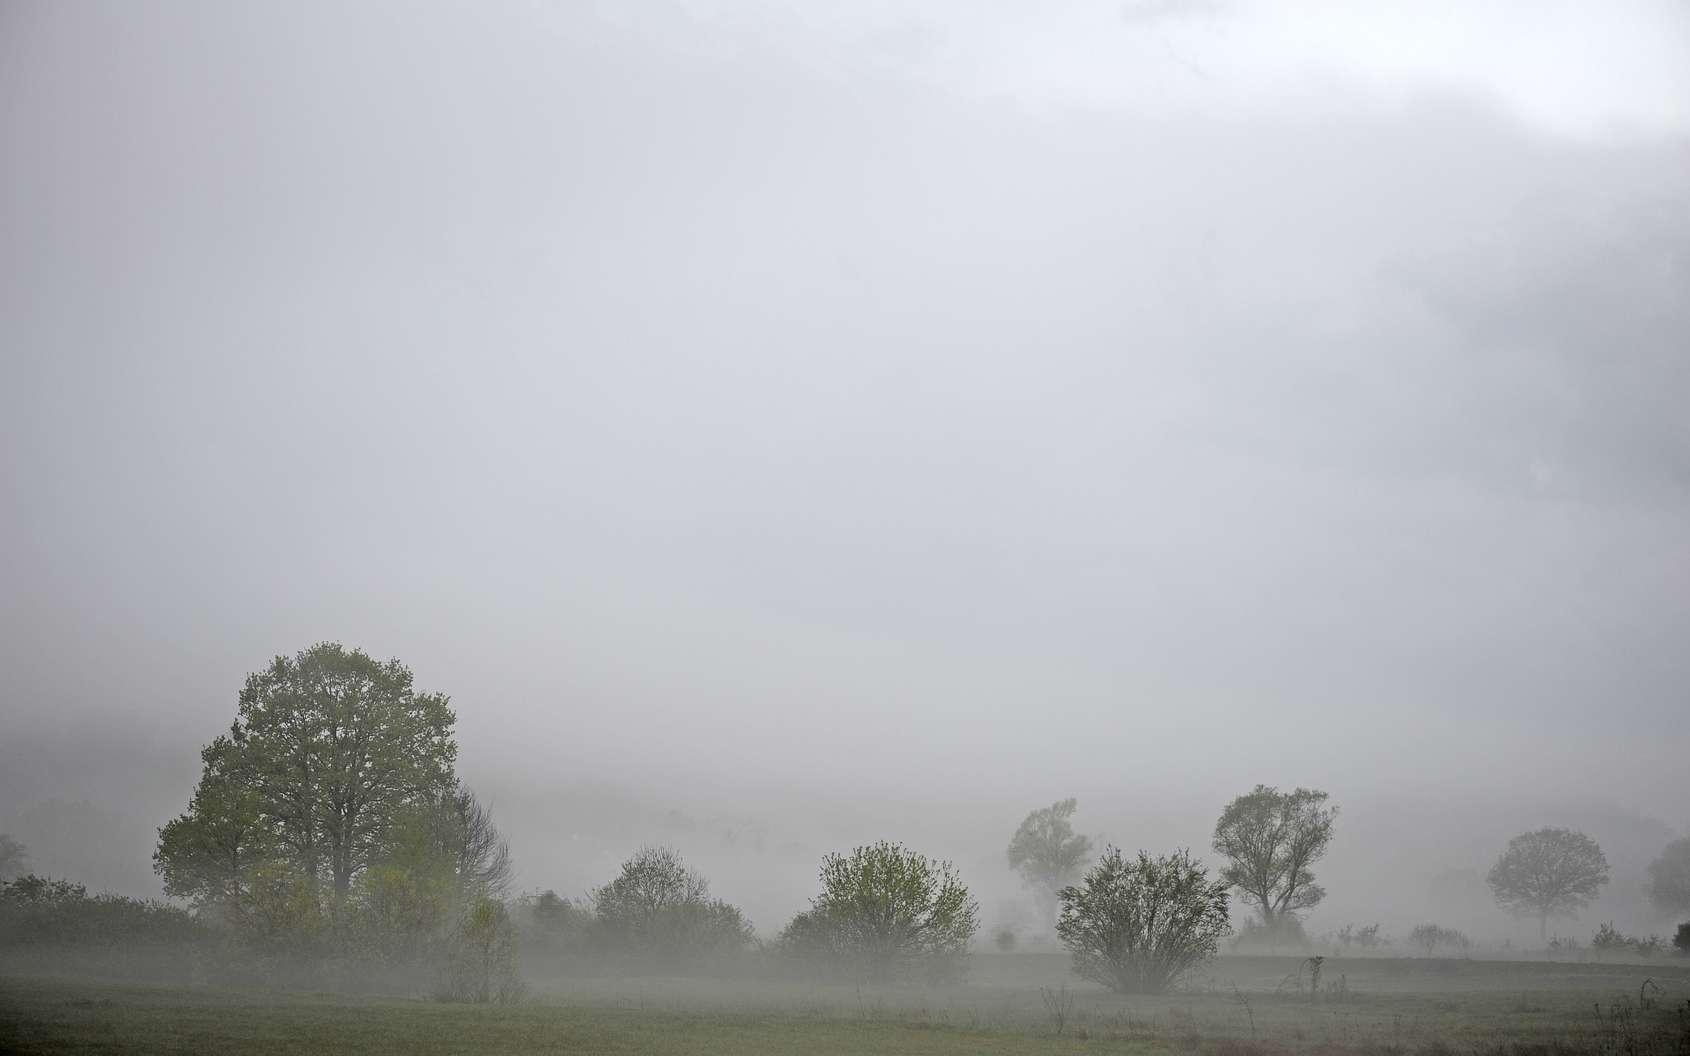 Le stratus est un nuage bas, gris-blanc, chargé de gouttelettes. © bennytrapp, Fotolia